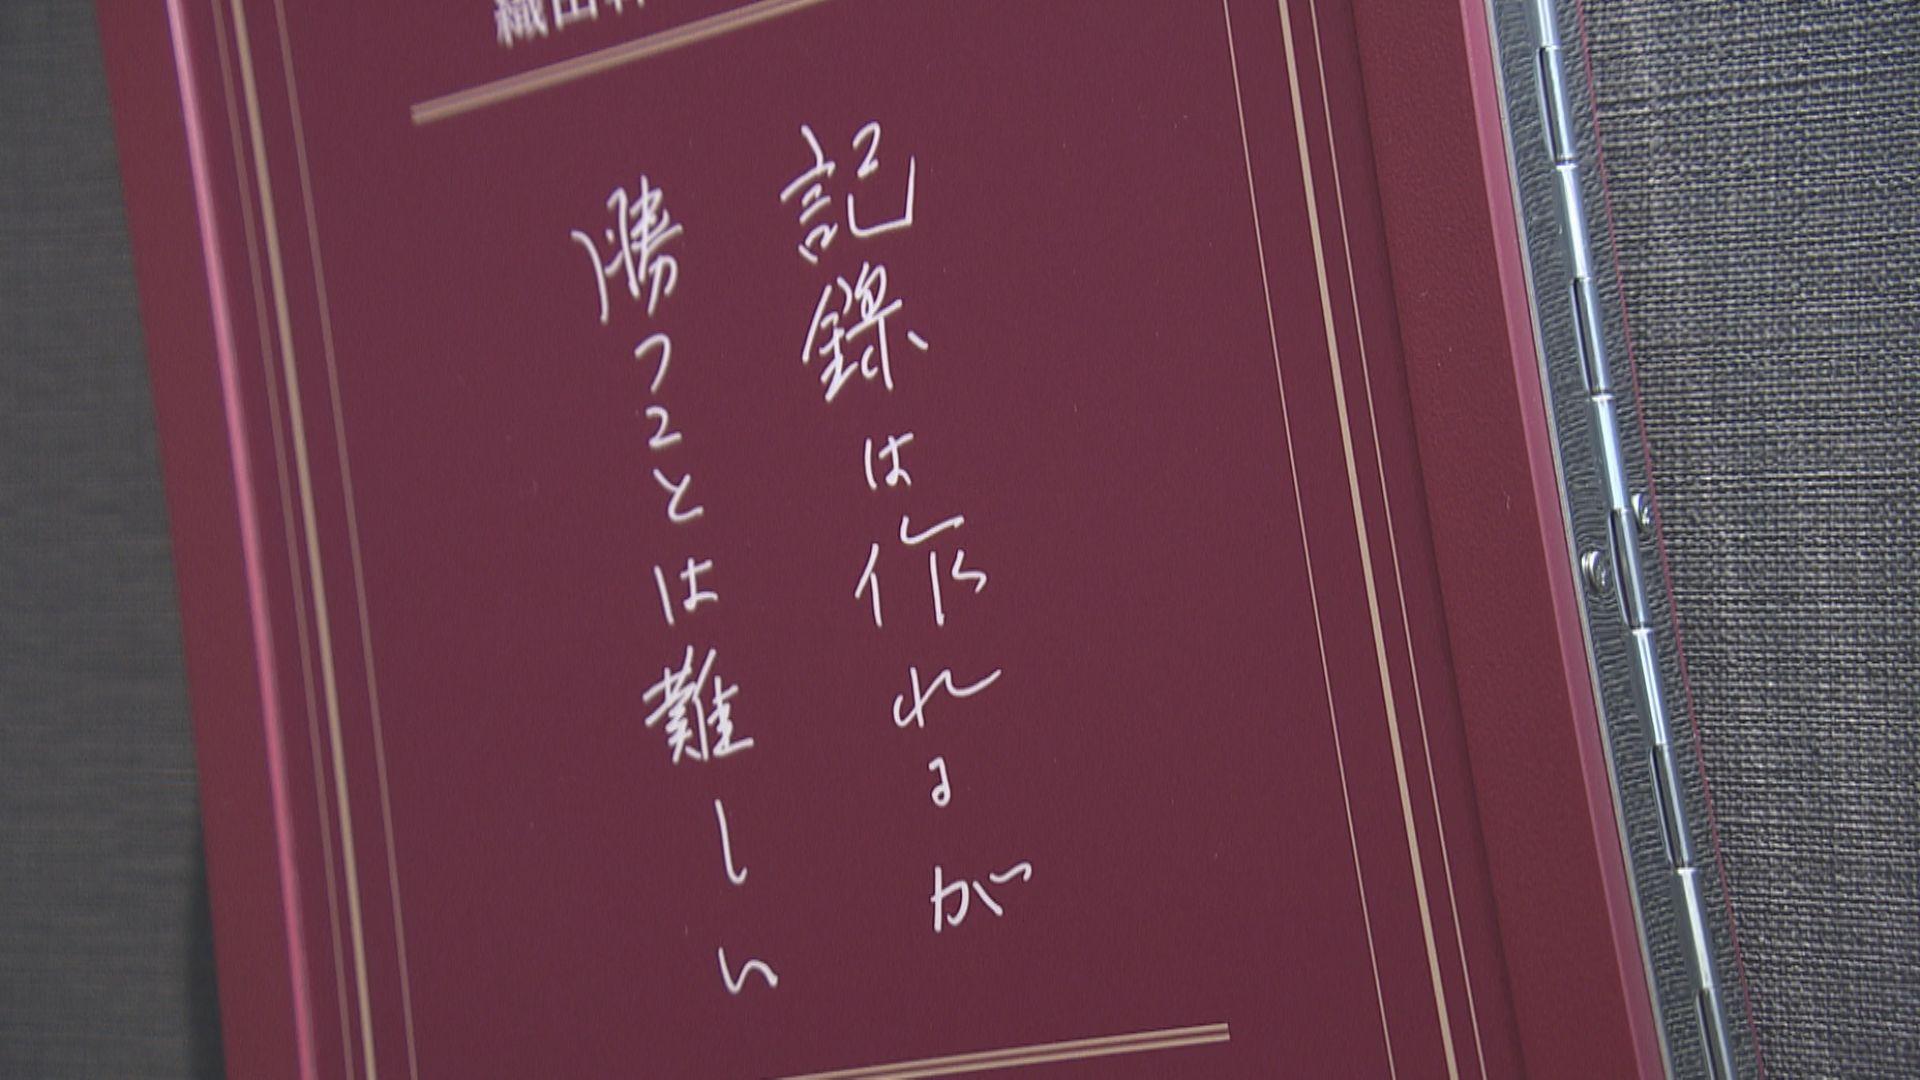 織田幹雄さんの数々の言葉が残されています